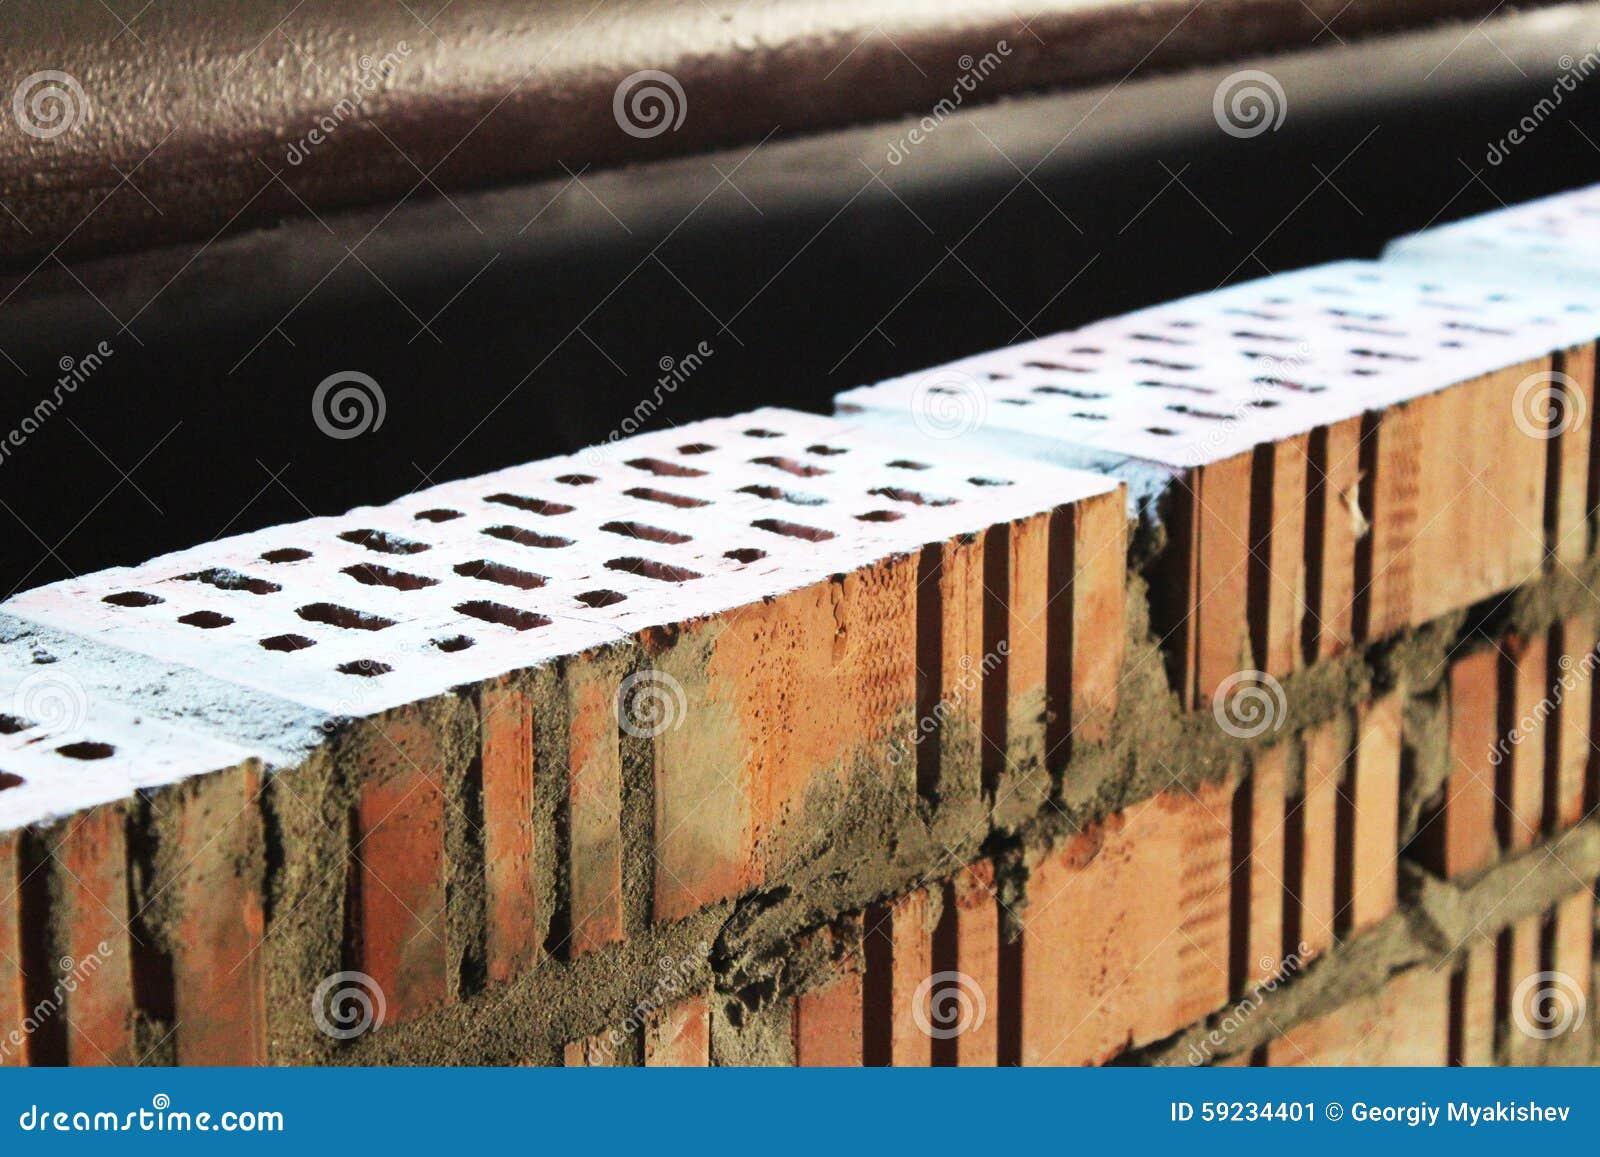 Download La pared de ladrillo imagen de archivo. Imagen de mortero - 59234401